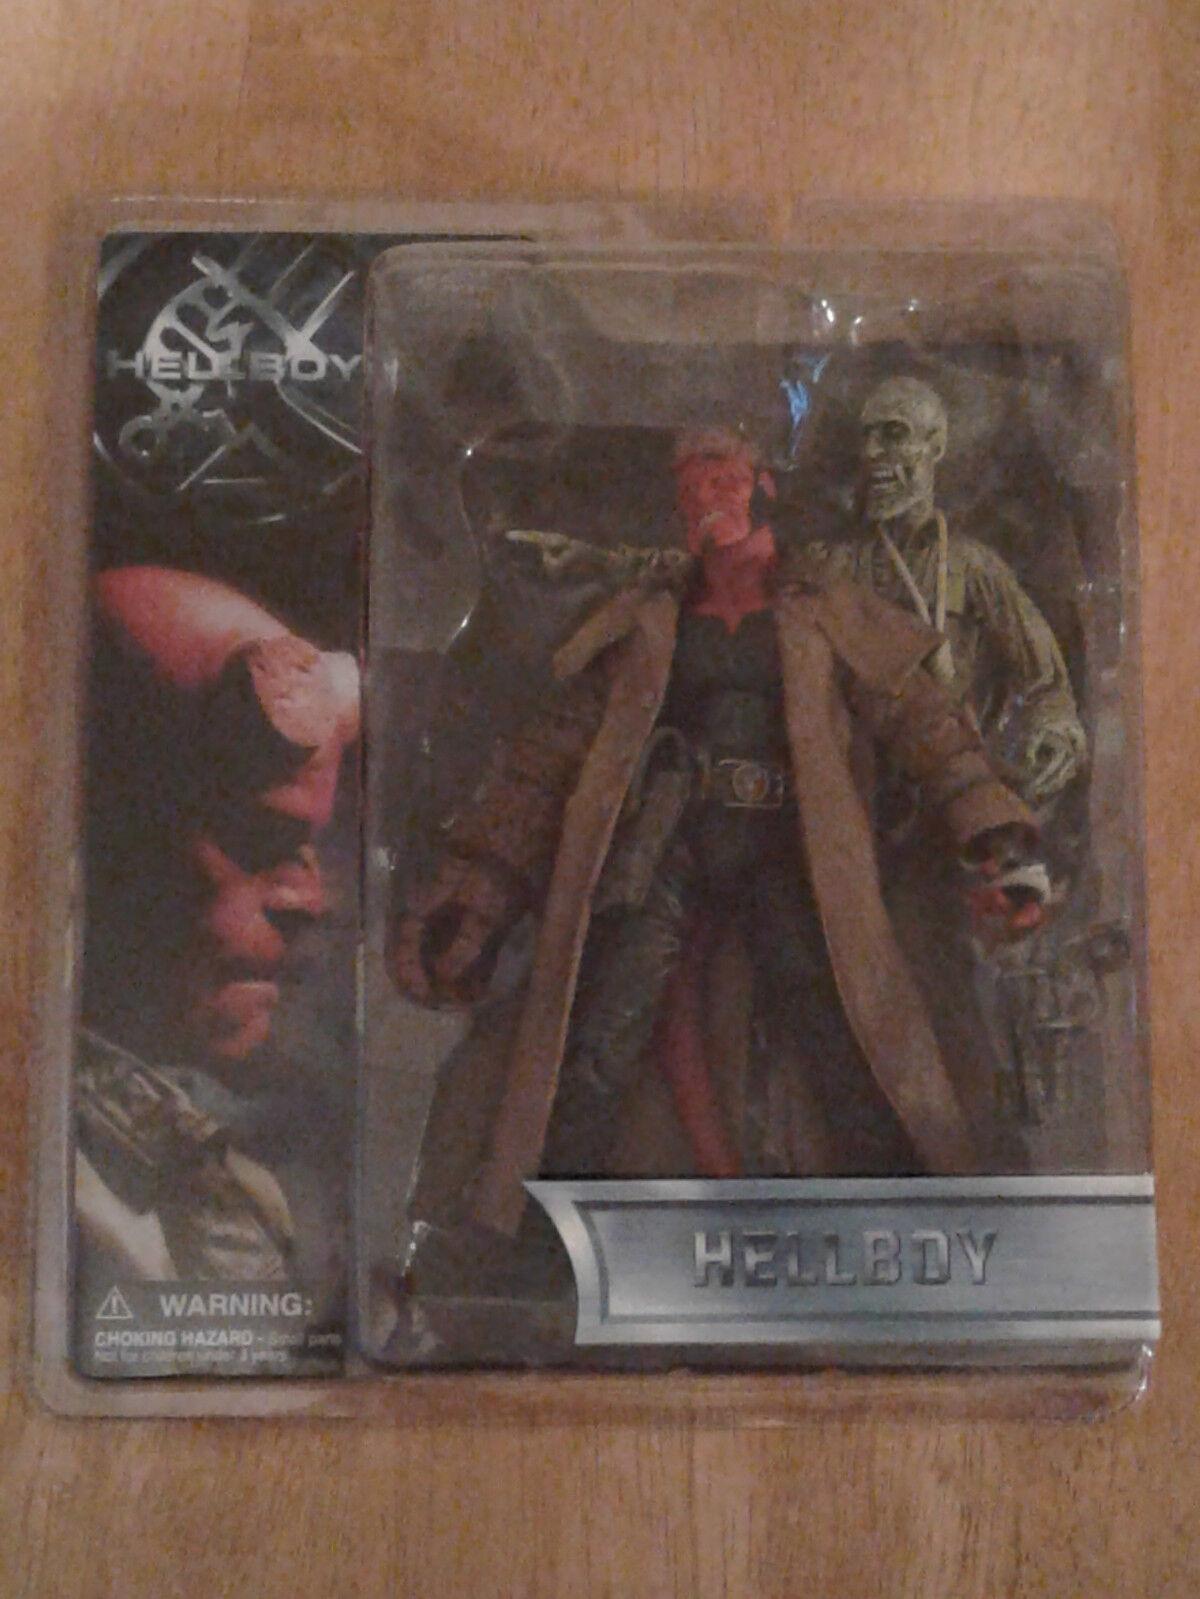 Hellboy Nuevo-Hellboy Variante Figura de boca abierta con Ivan el cadáver 2004 Mezco